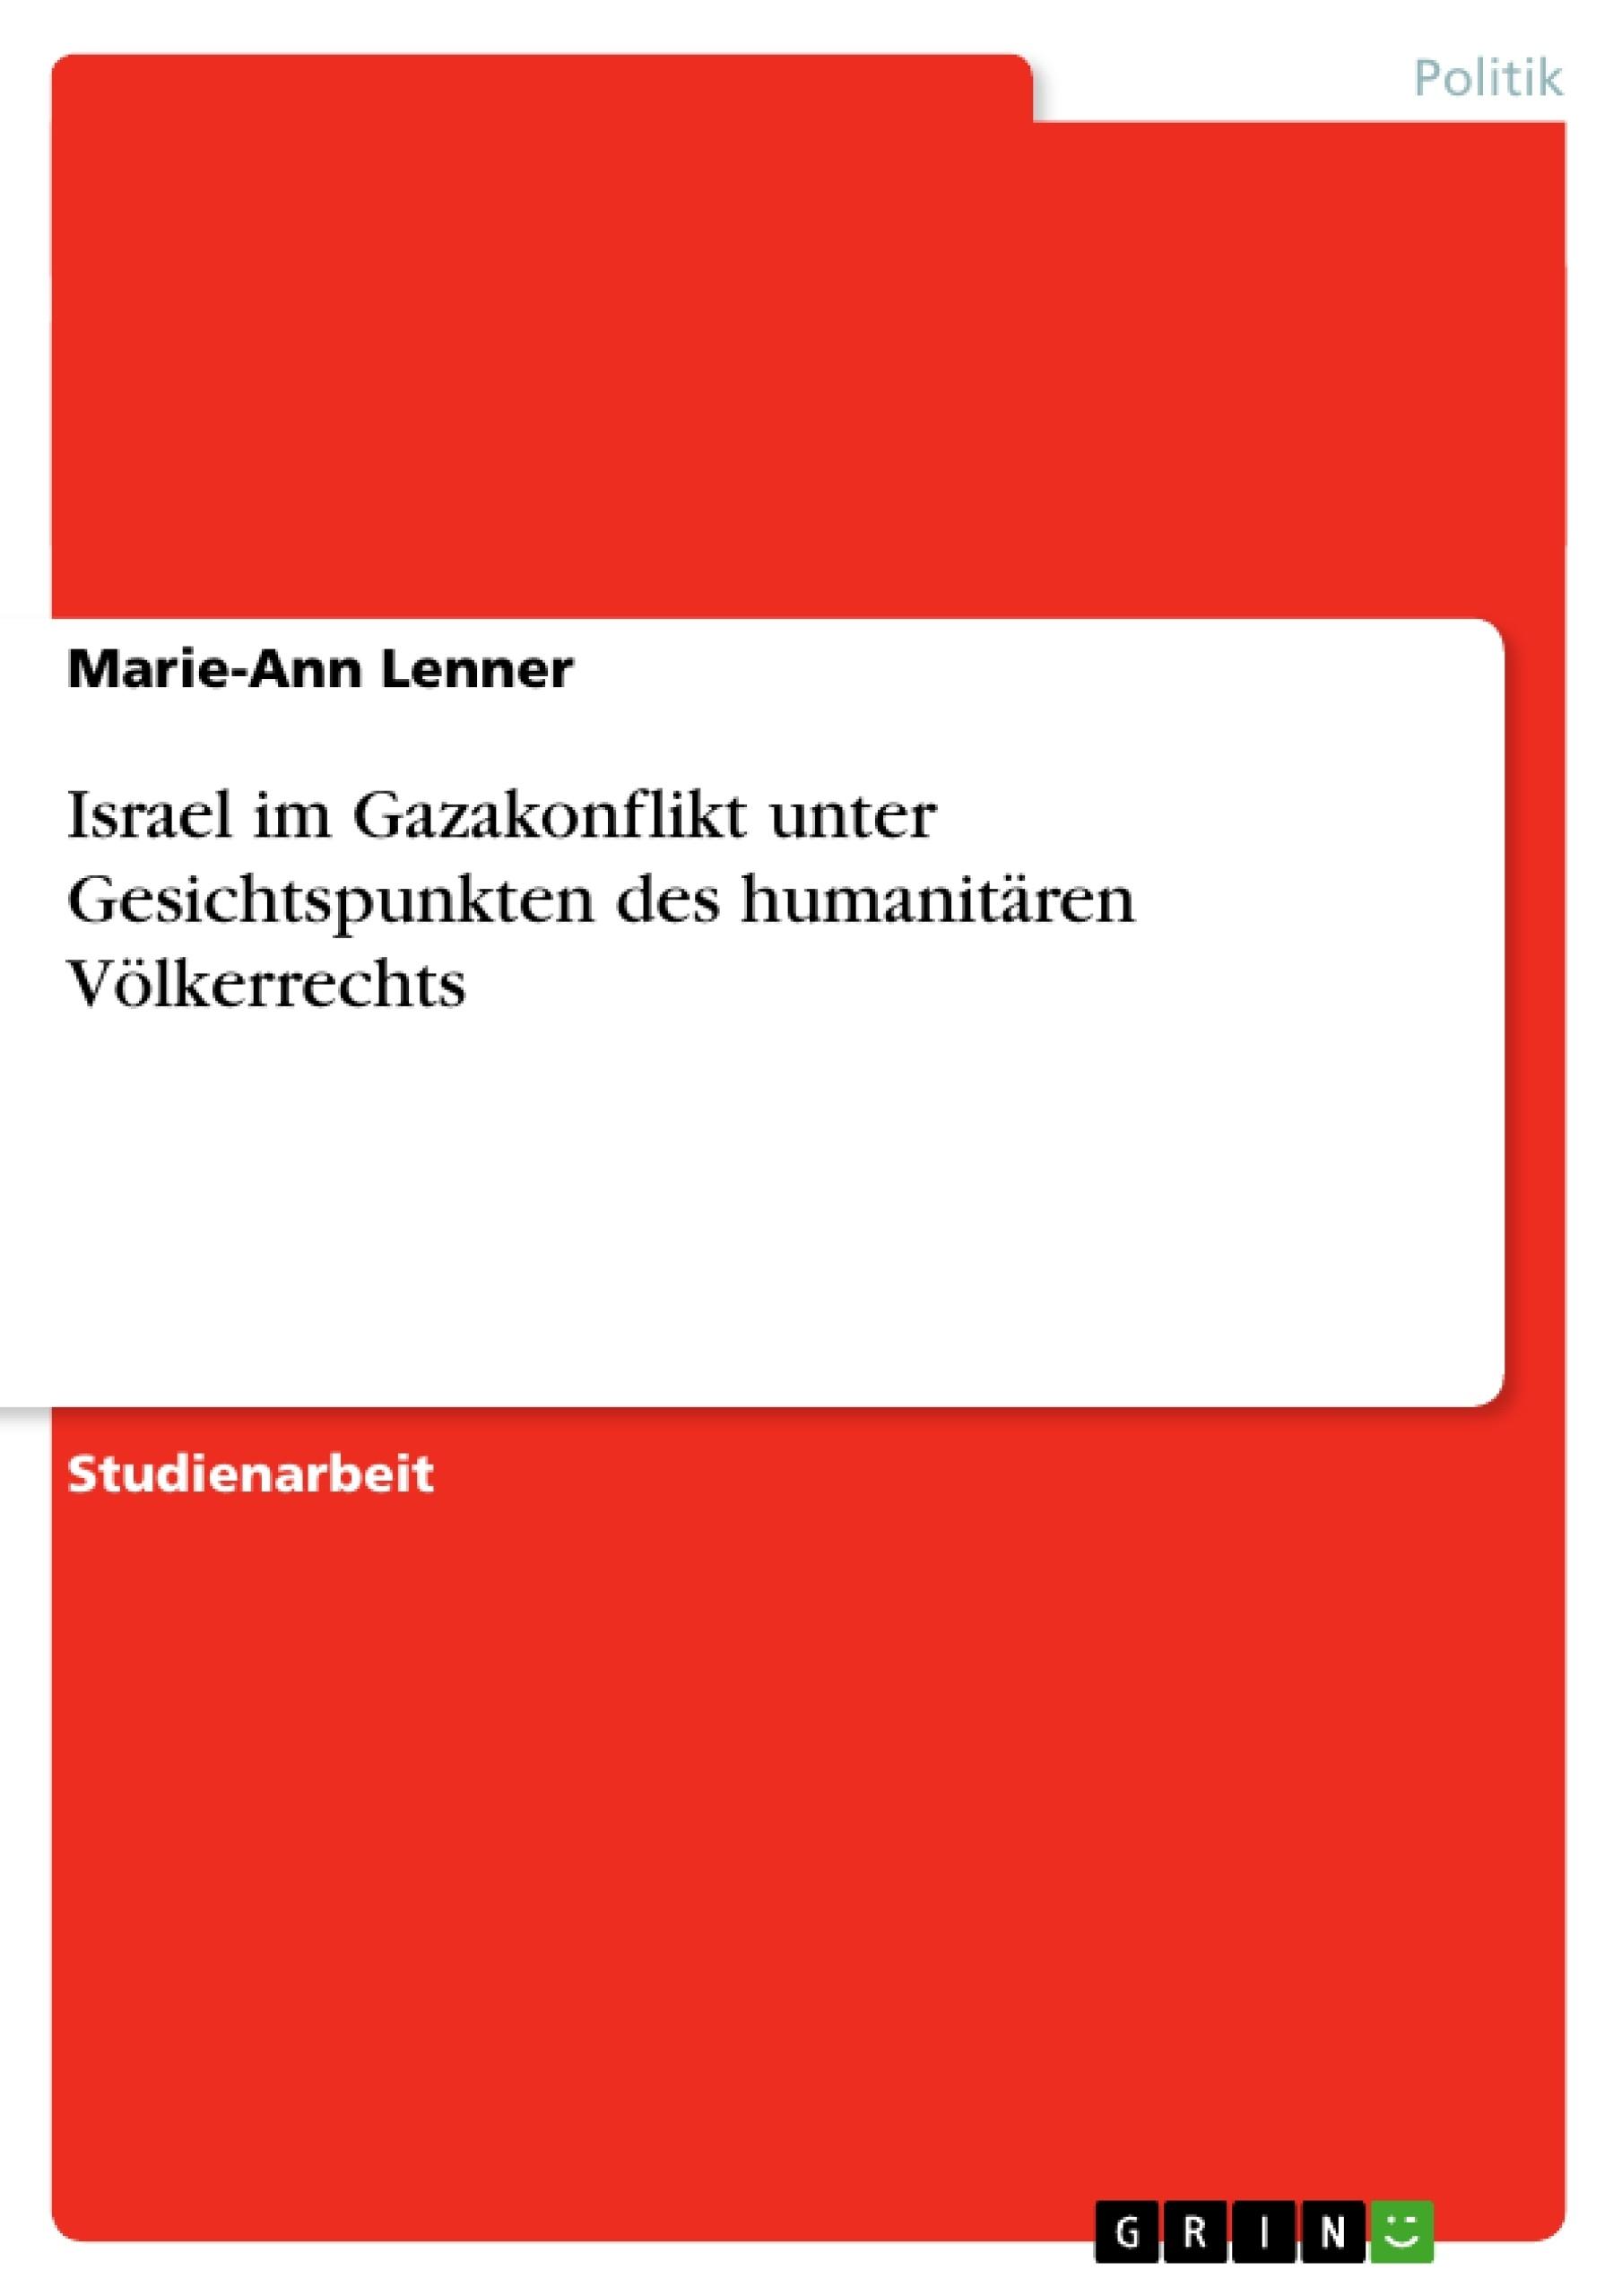 Titel: Israel im Gazakonflikt unter Gesichtspunkten des humanitären Völkerrechts